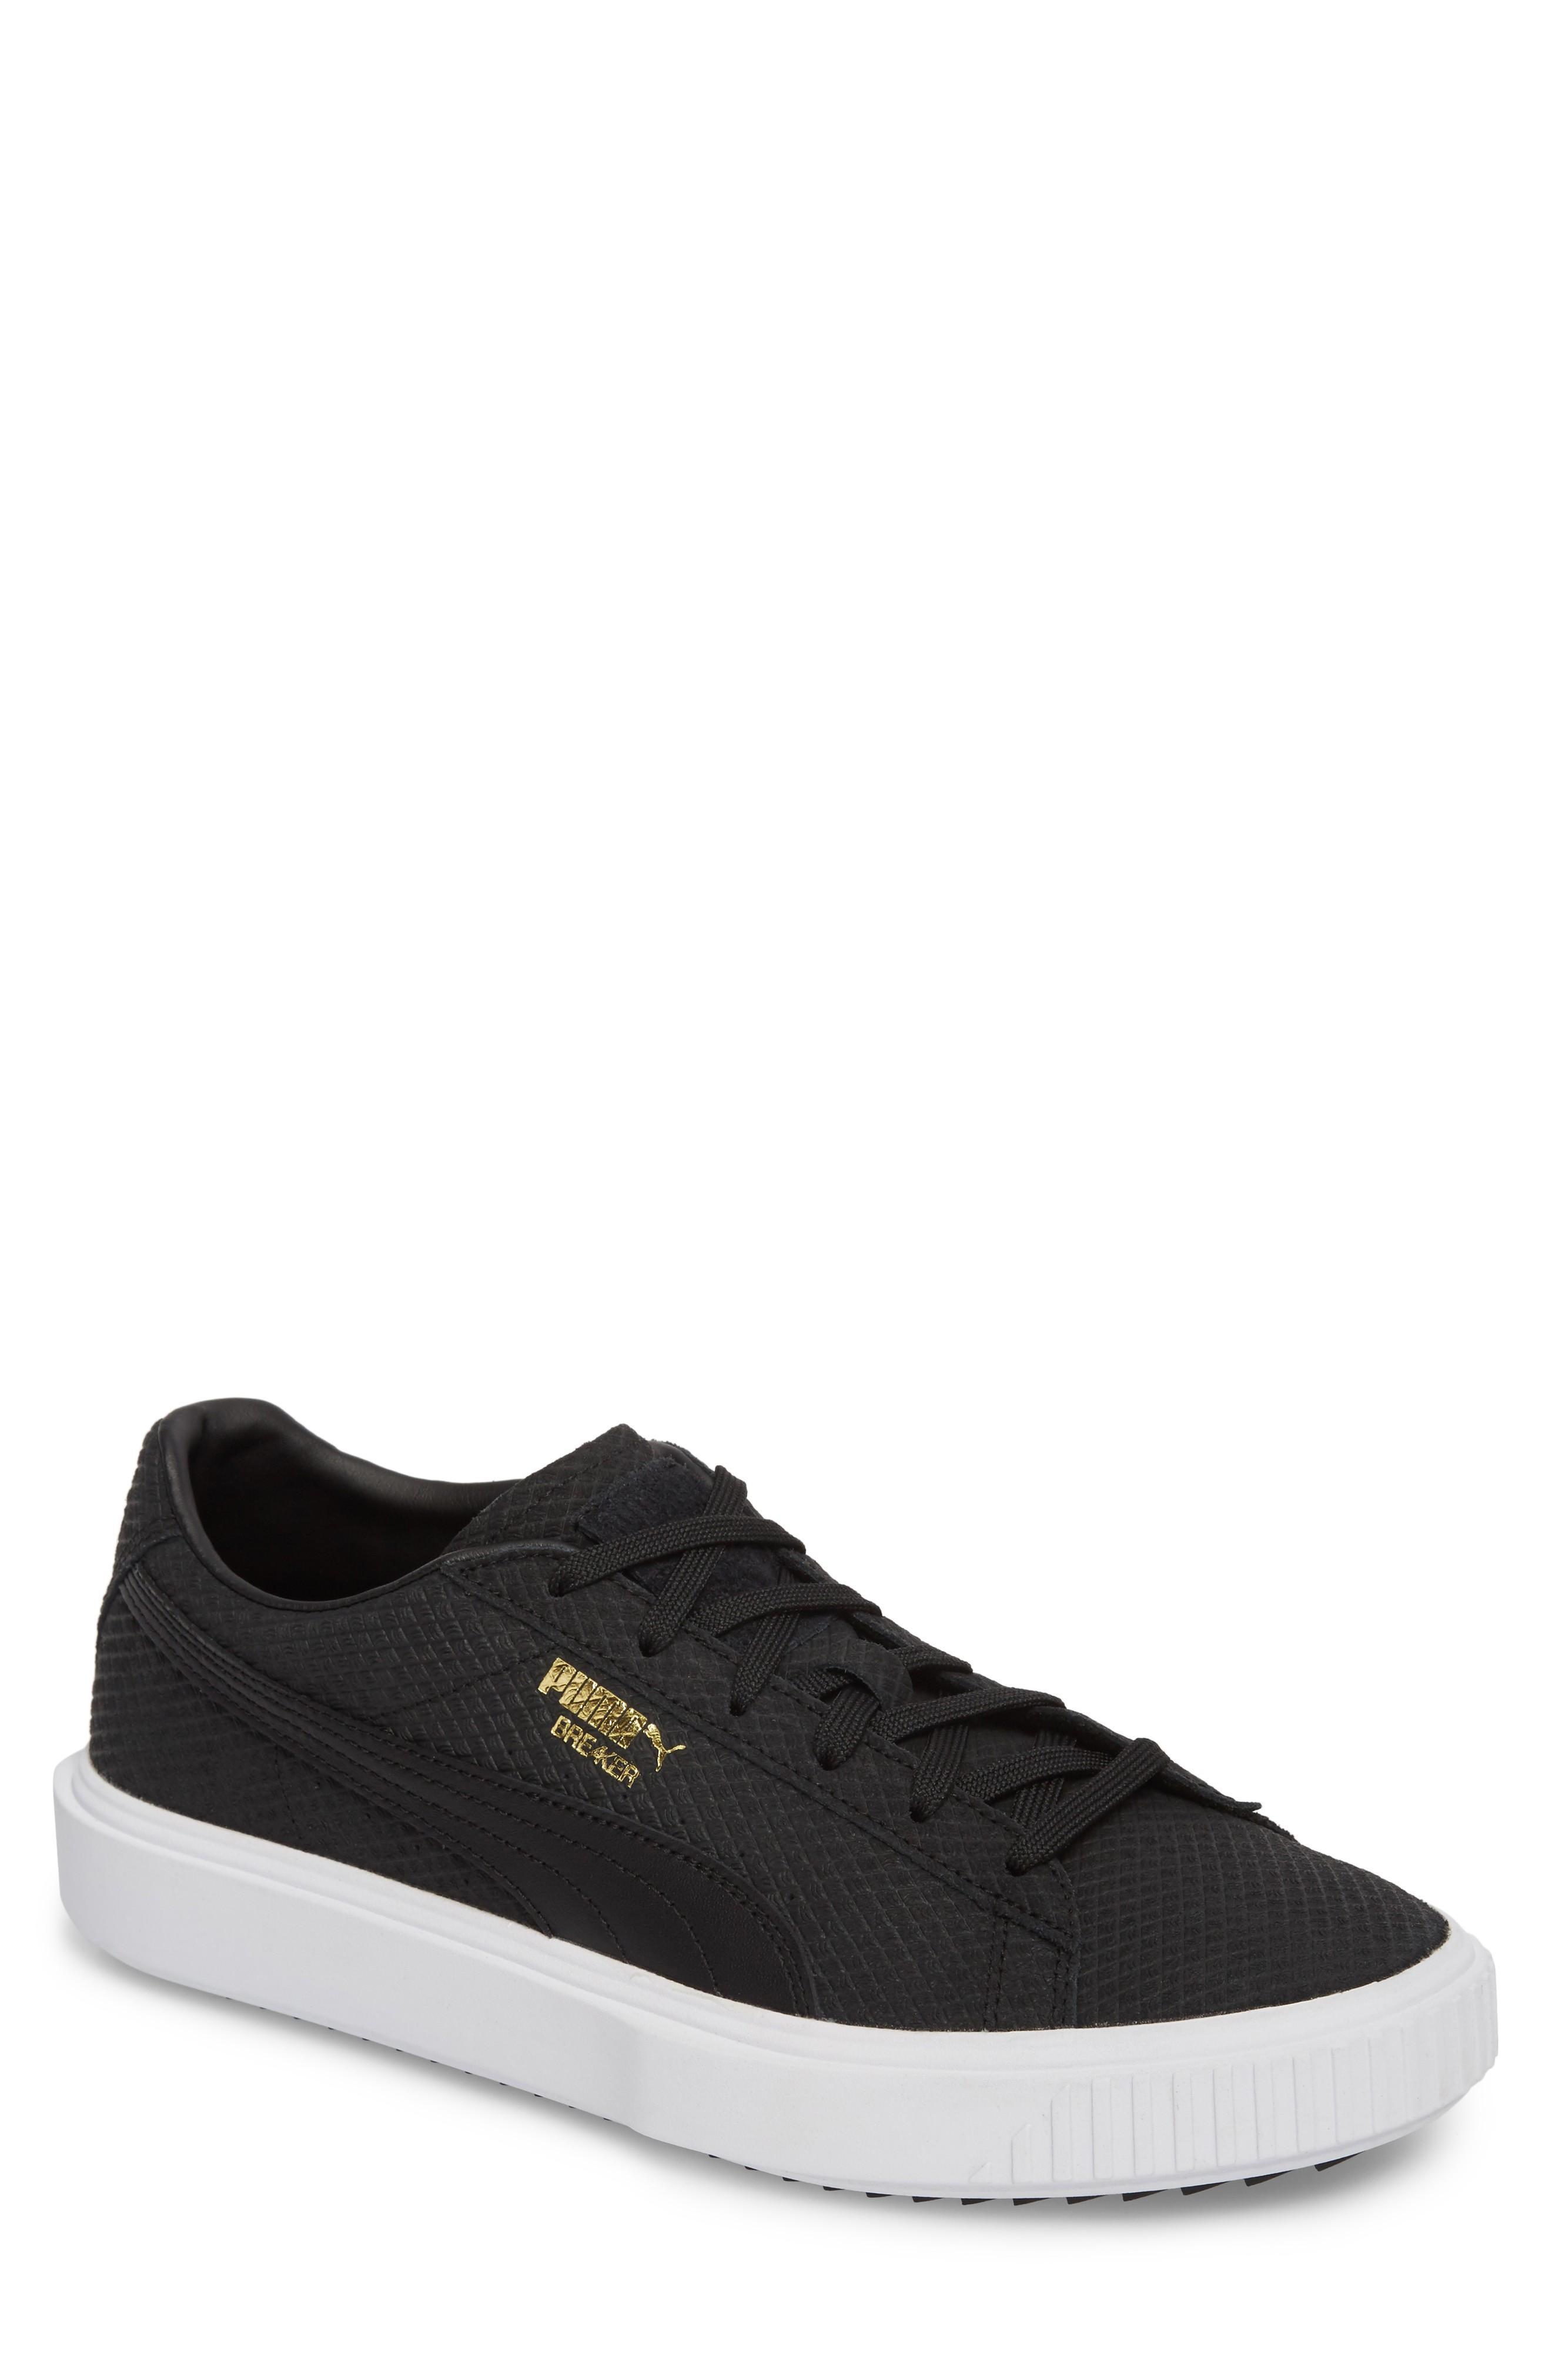 Puma Breaker Sneaker In Black